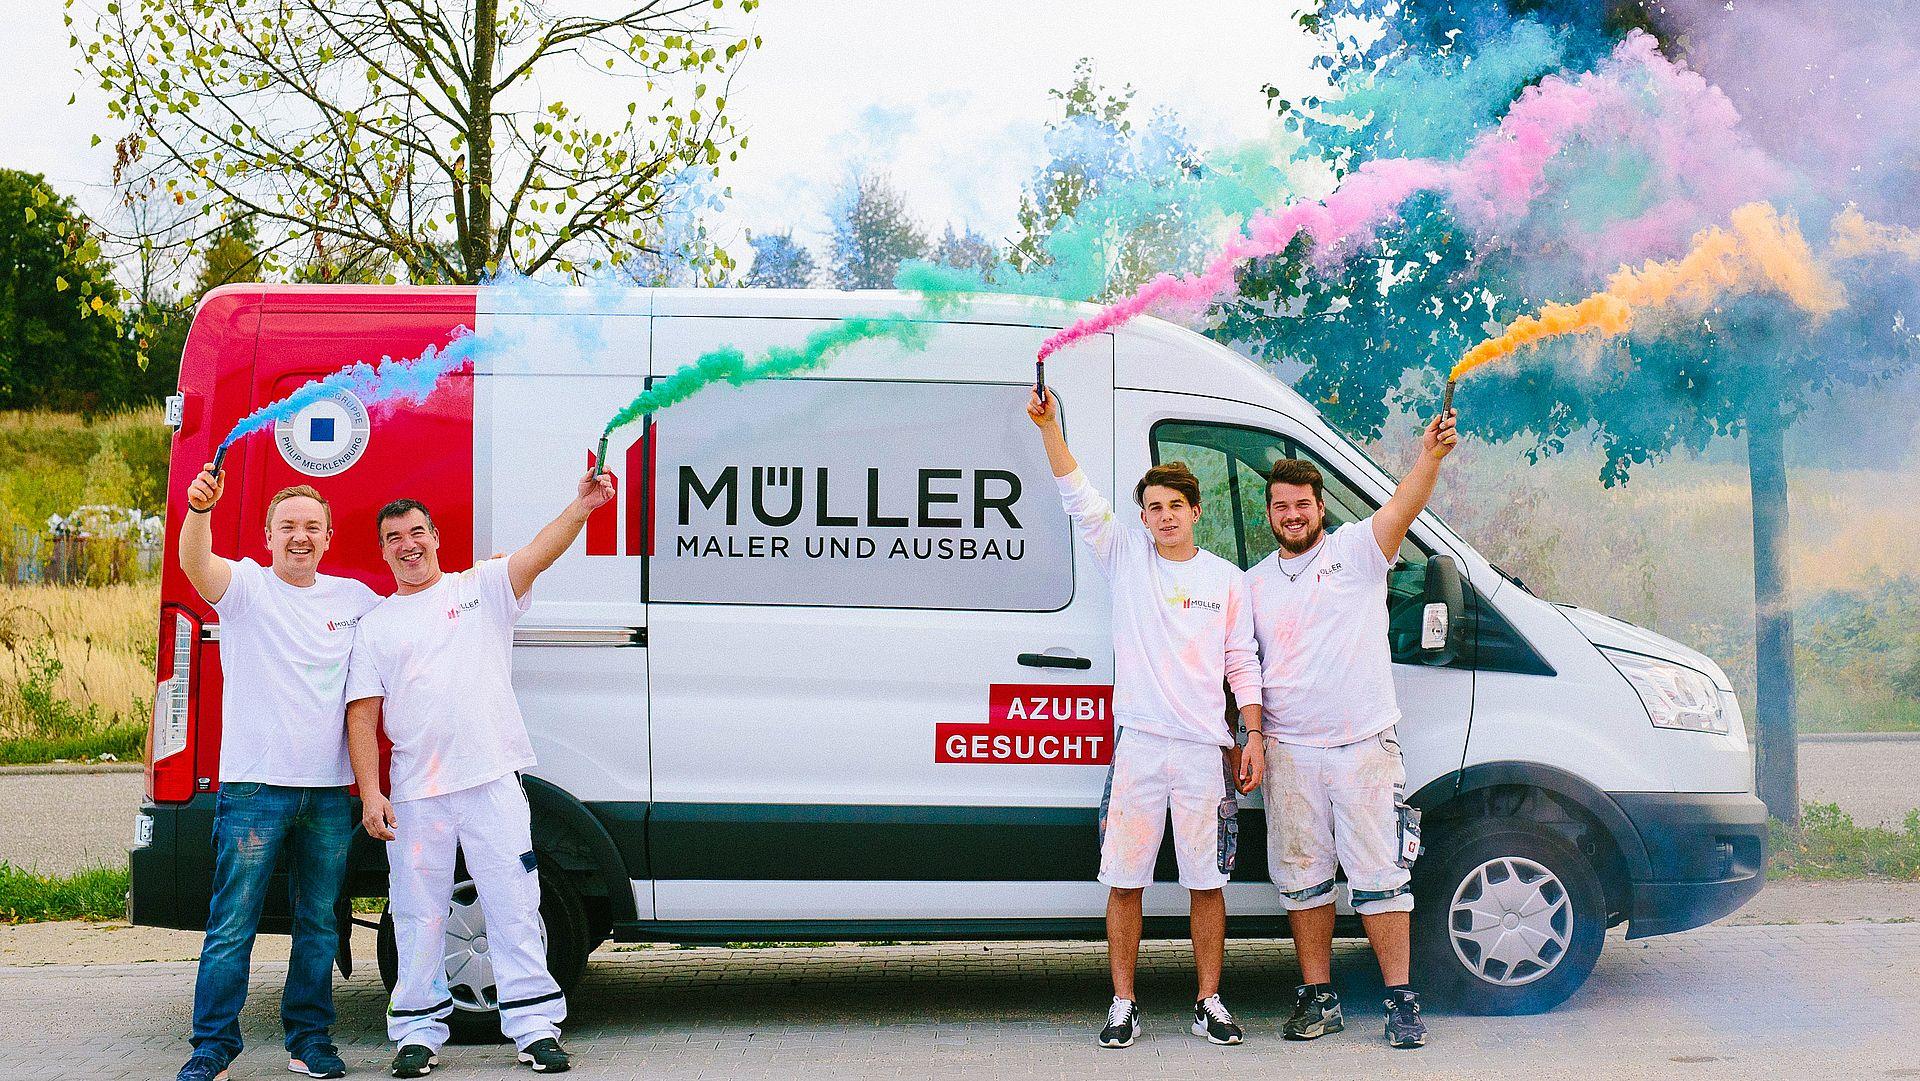 Fotos de Müller Maler und Ausbau GmbH